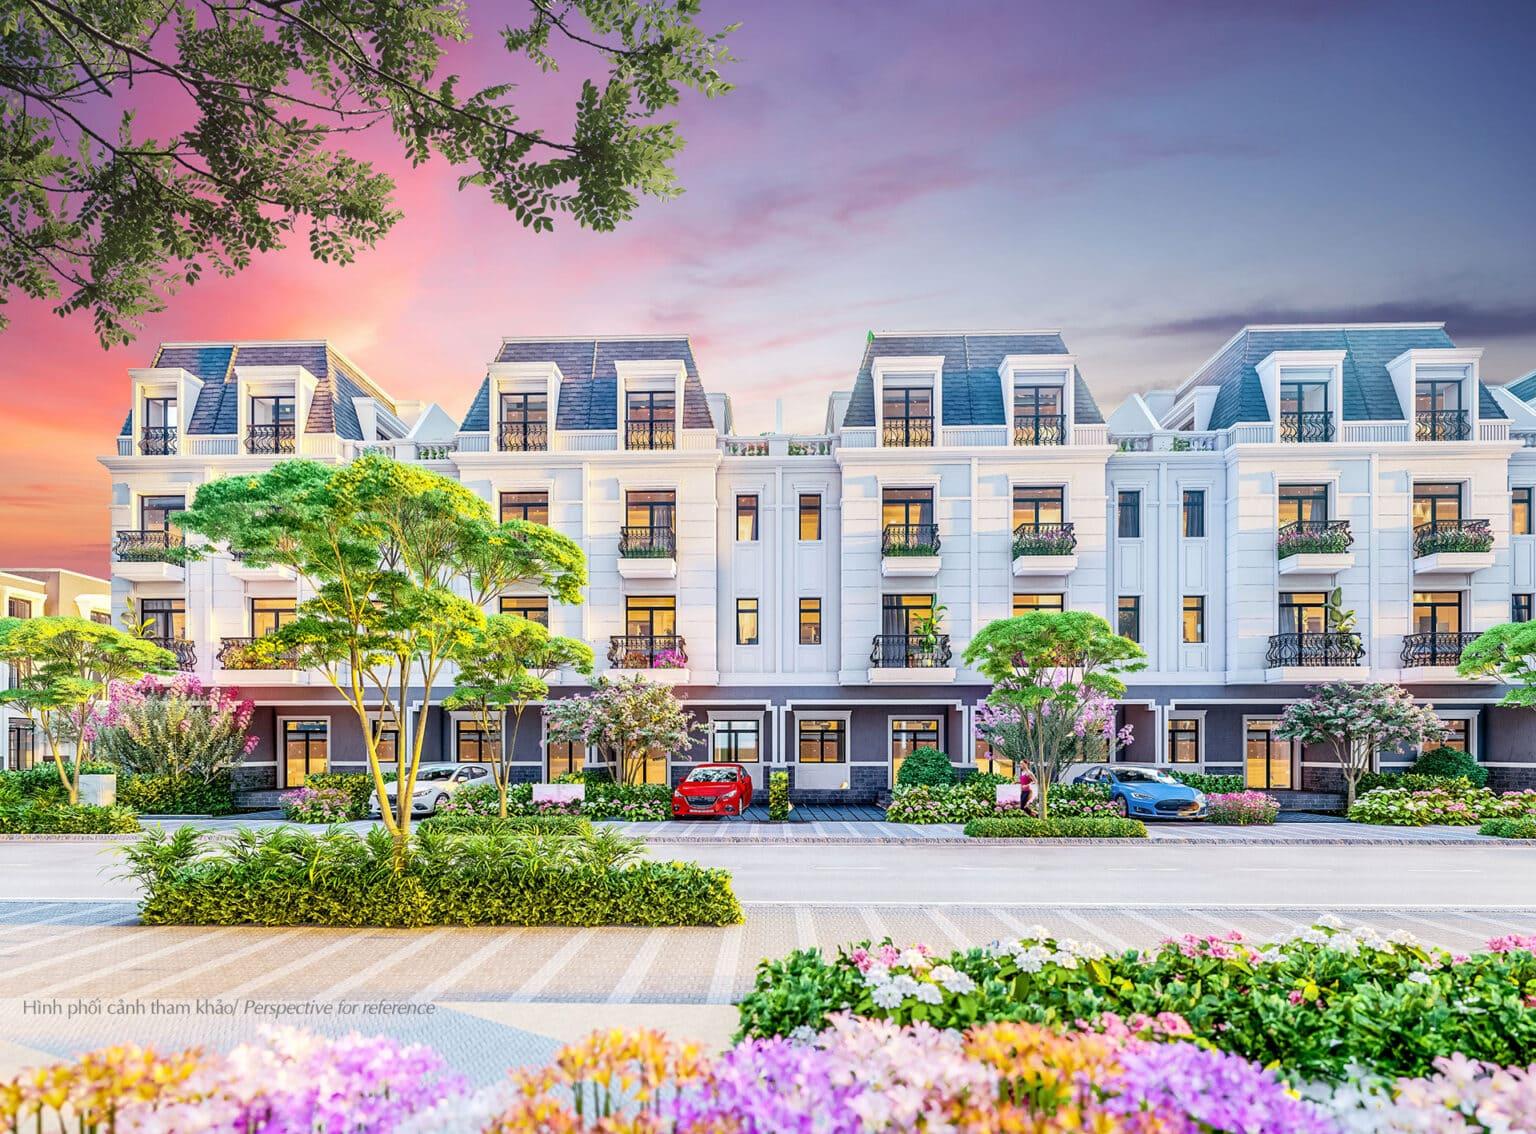 Được phân bổ đều trong toàn khu với những dãy phố dọc các tuyến đường, nhà phố liền kề TH mang đến đa dạng lựa chọn cho người mua từ view cho đến diện tích. Diện tích sàn của nhà phố liền kề TH Amelie Villa có diện tích sàn từ 200-282m2, gồm 4 tầng.